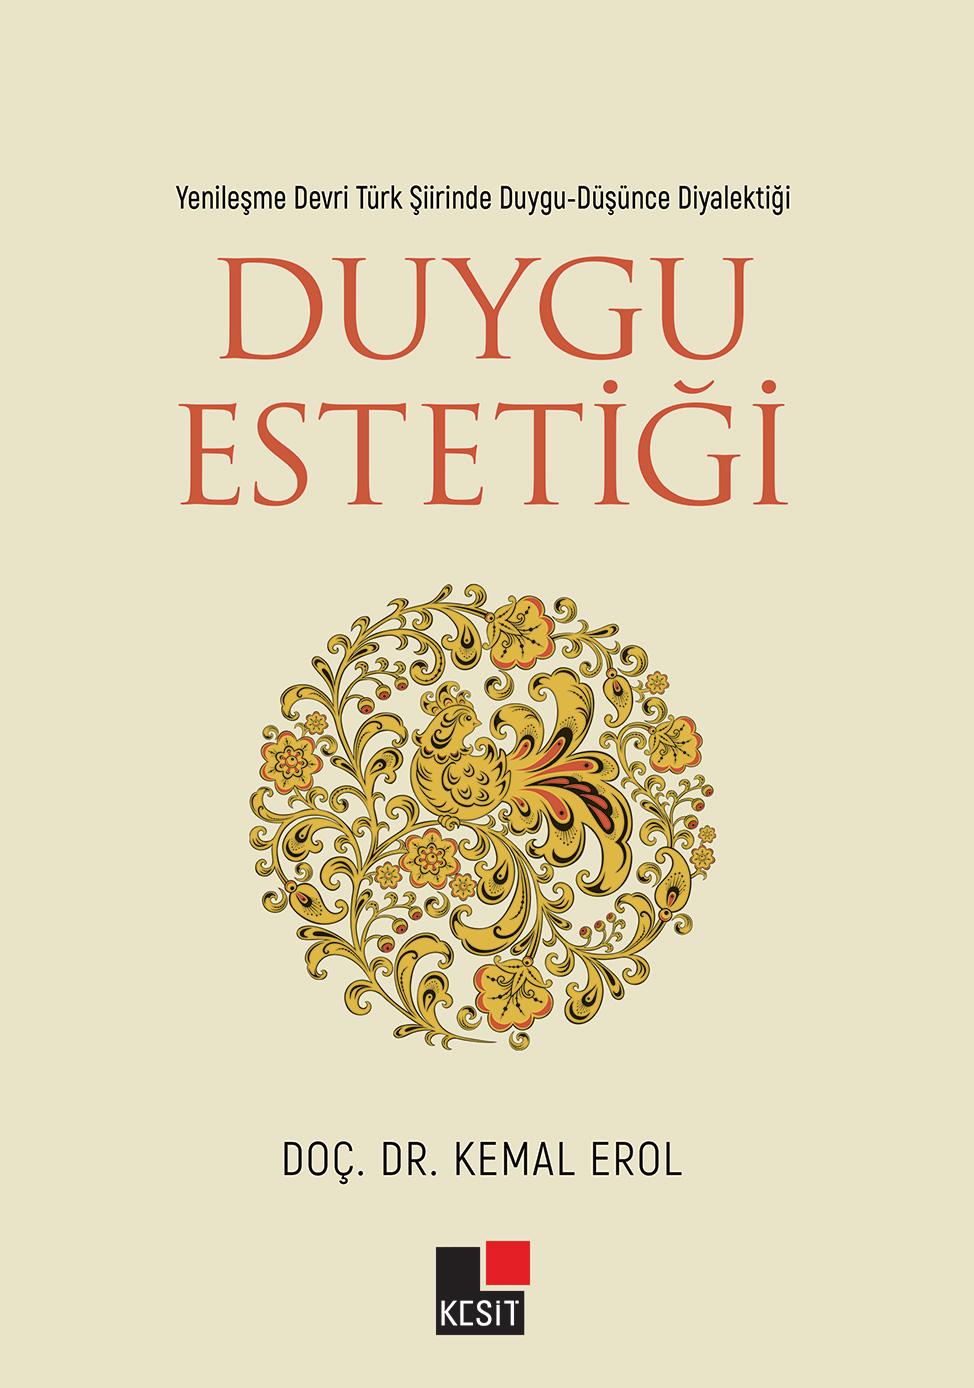 Yenileşme Devri Türk Şiirinde Duygu-Düşünce Diyalektiği DUYGU ESTETİĞİ